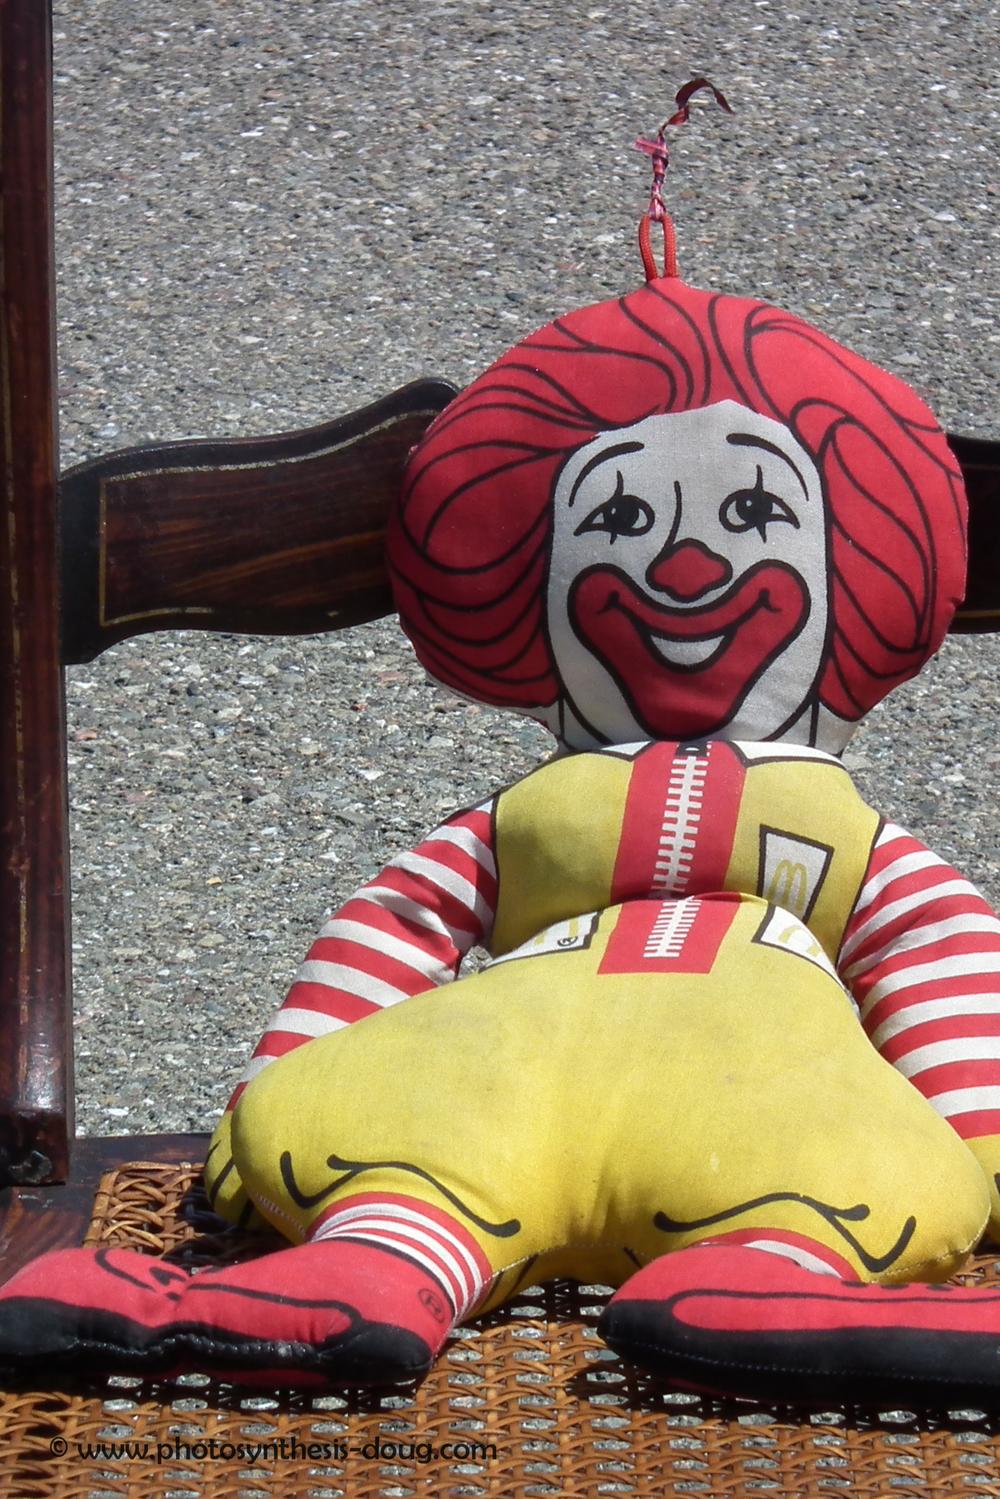 clown doll-8819.jpg